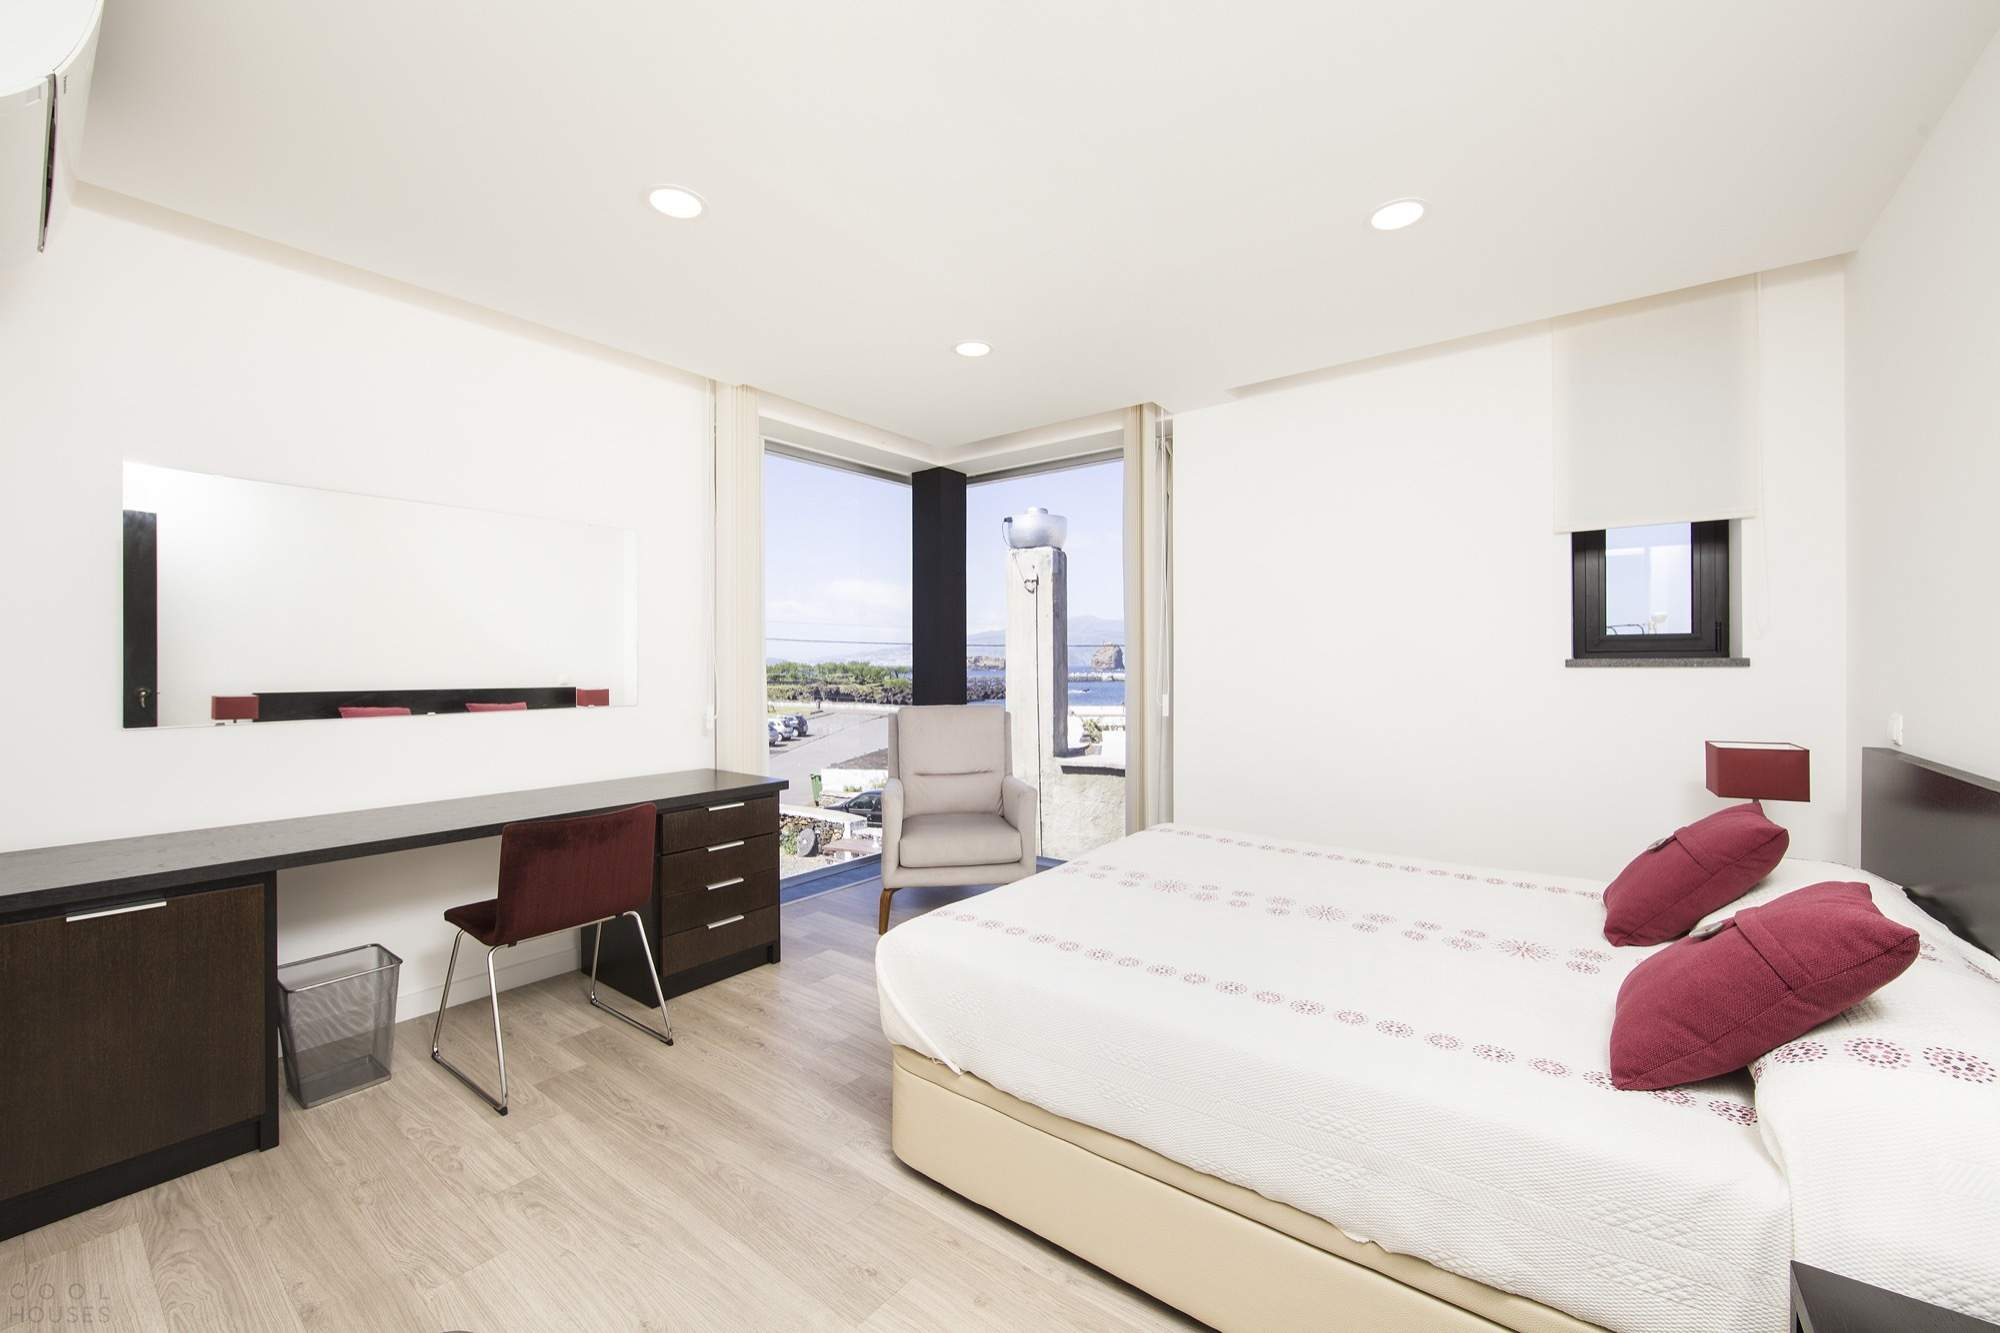 Реконструкция частного дома в гостиницу, Португалия